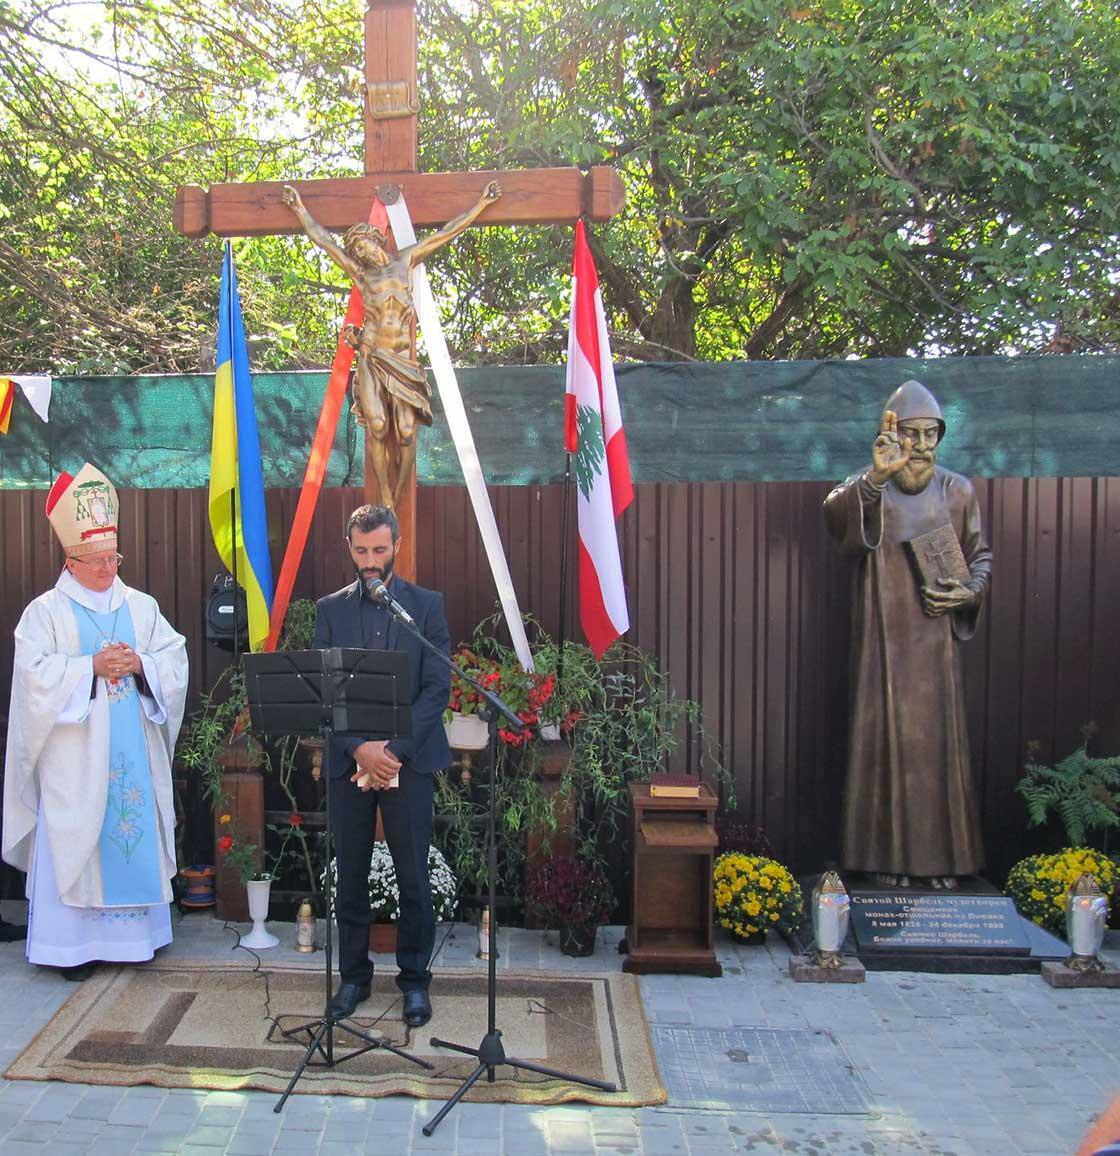 В Одессе открыли памятник святому Шарбелю / rkc.in.ua